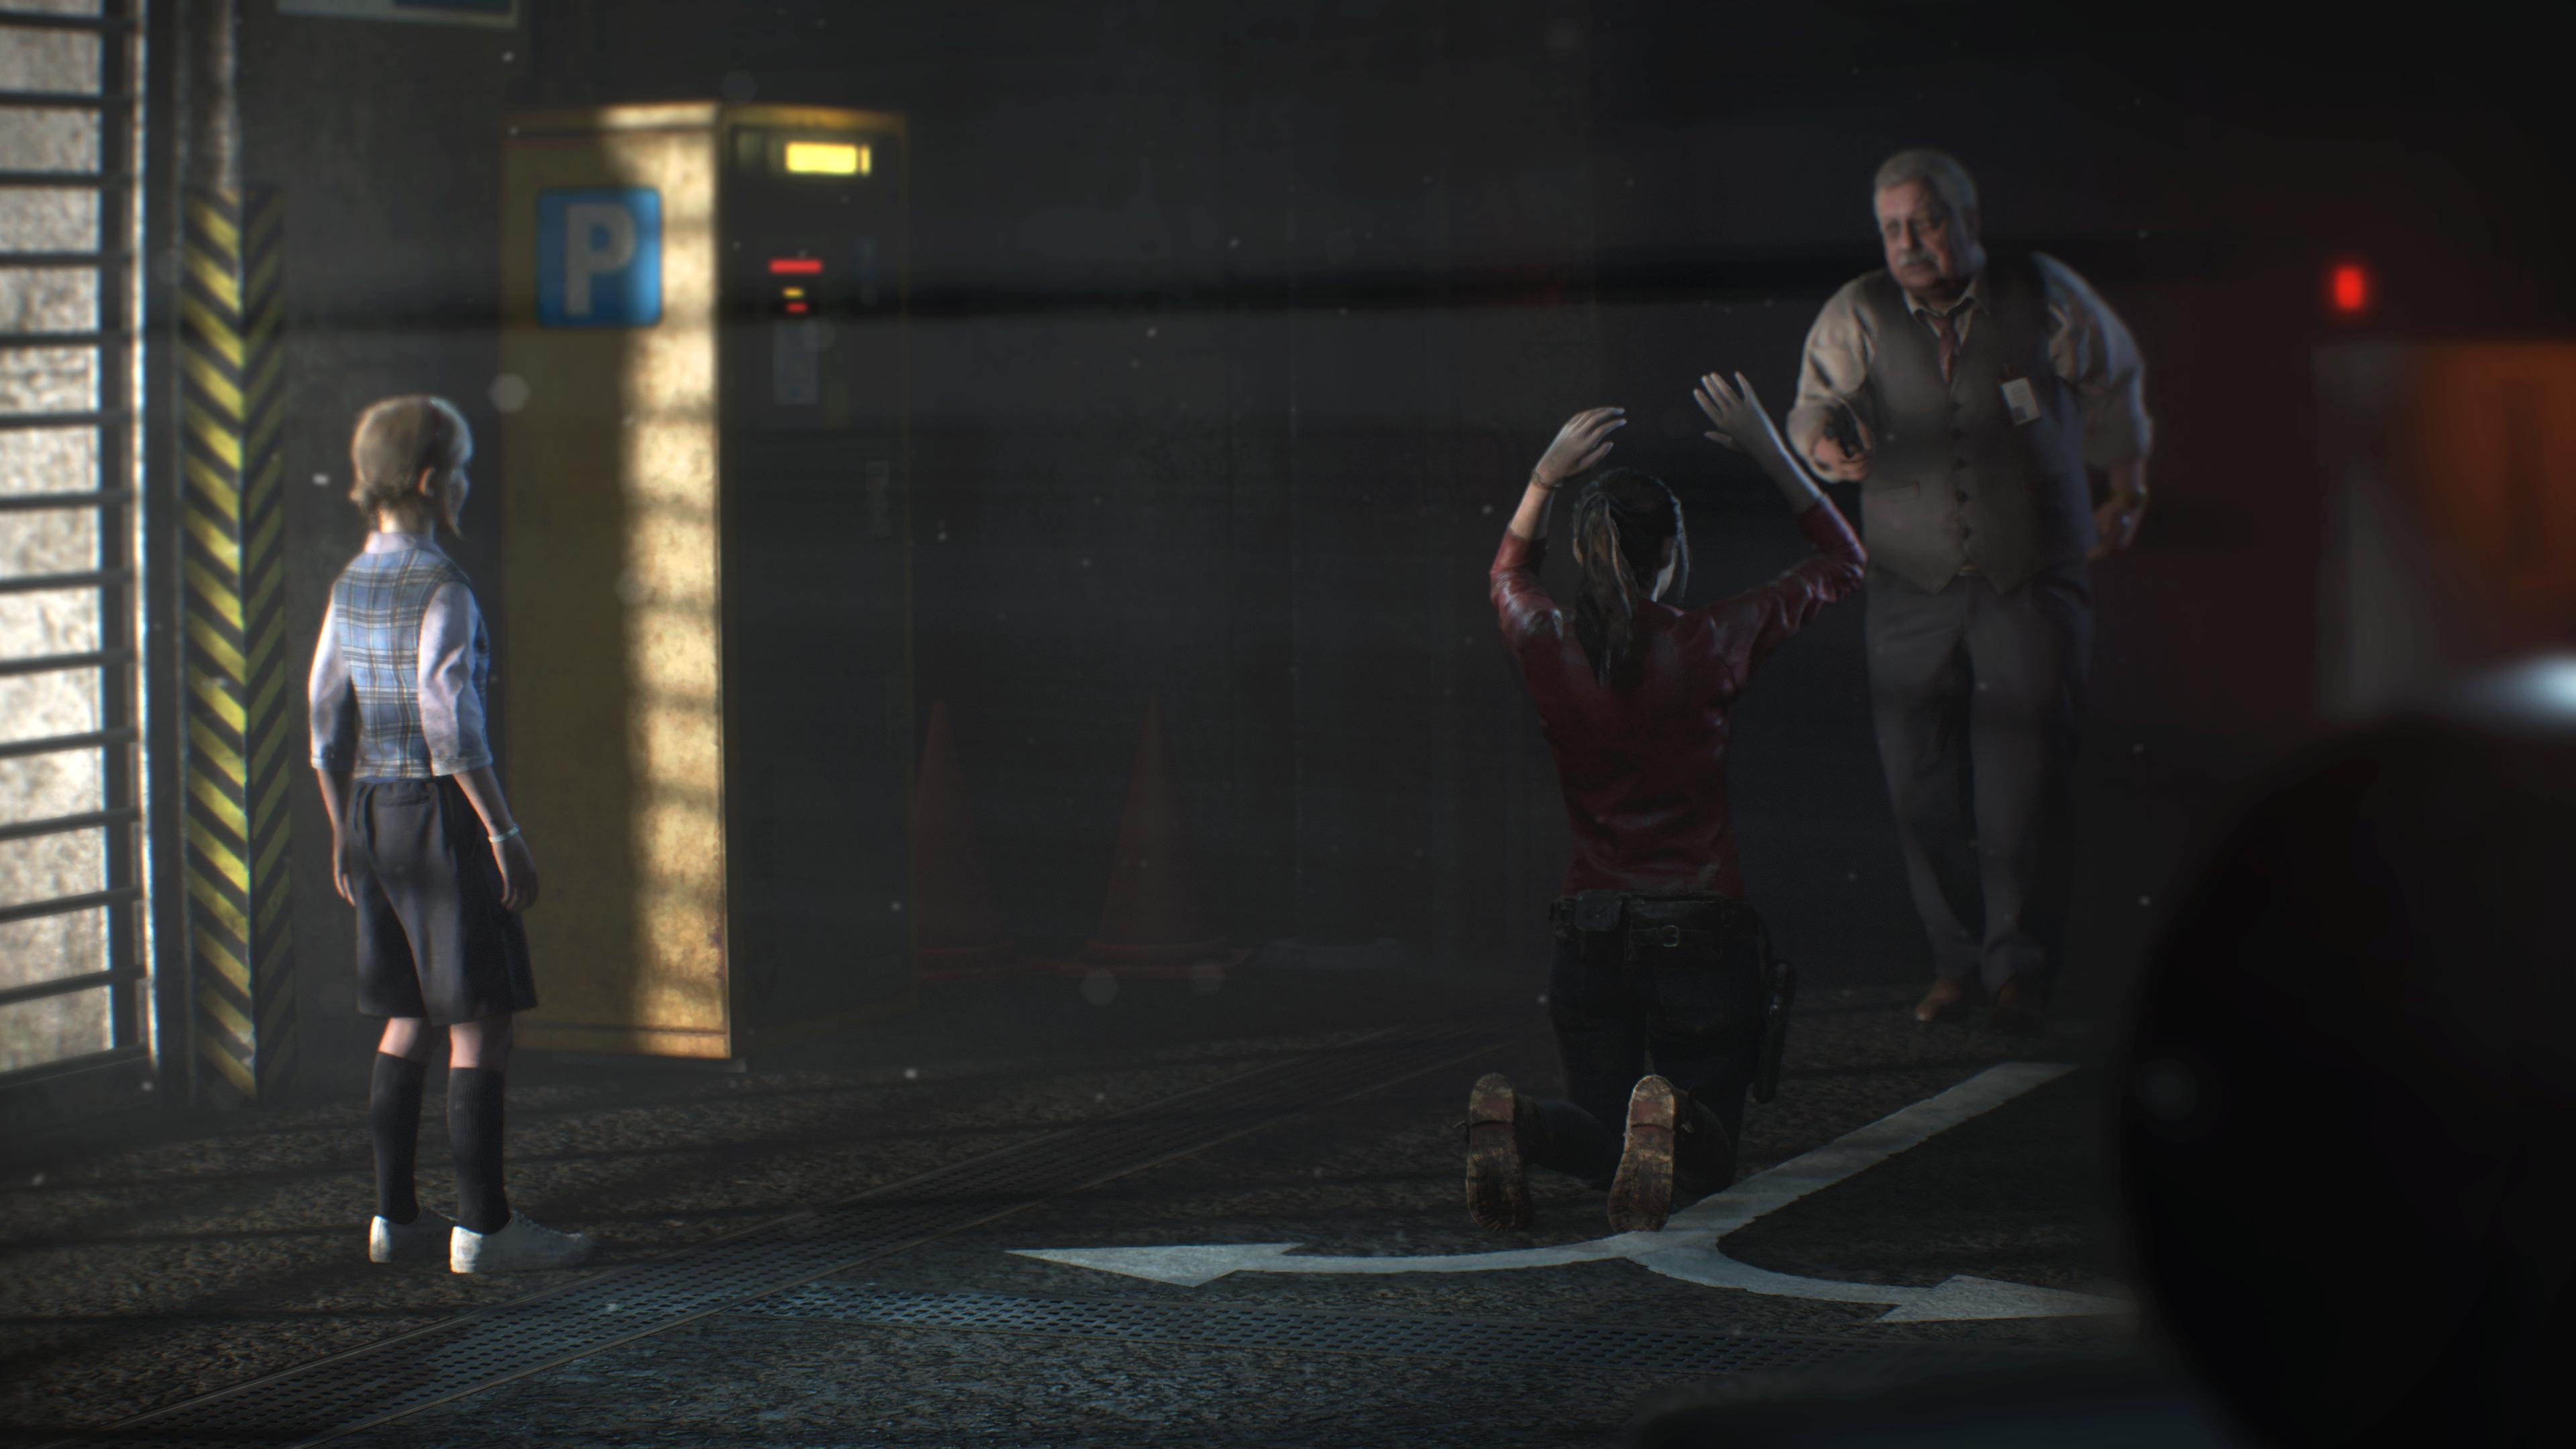 Capcom revela nuevas imágenes de Claire Redfield en Resident Evil 2